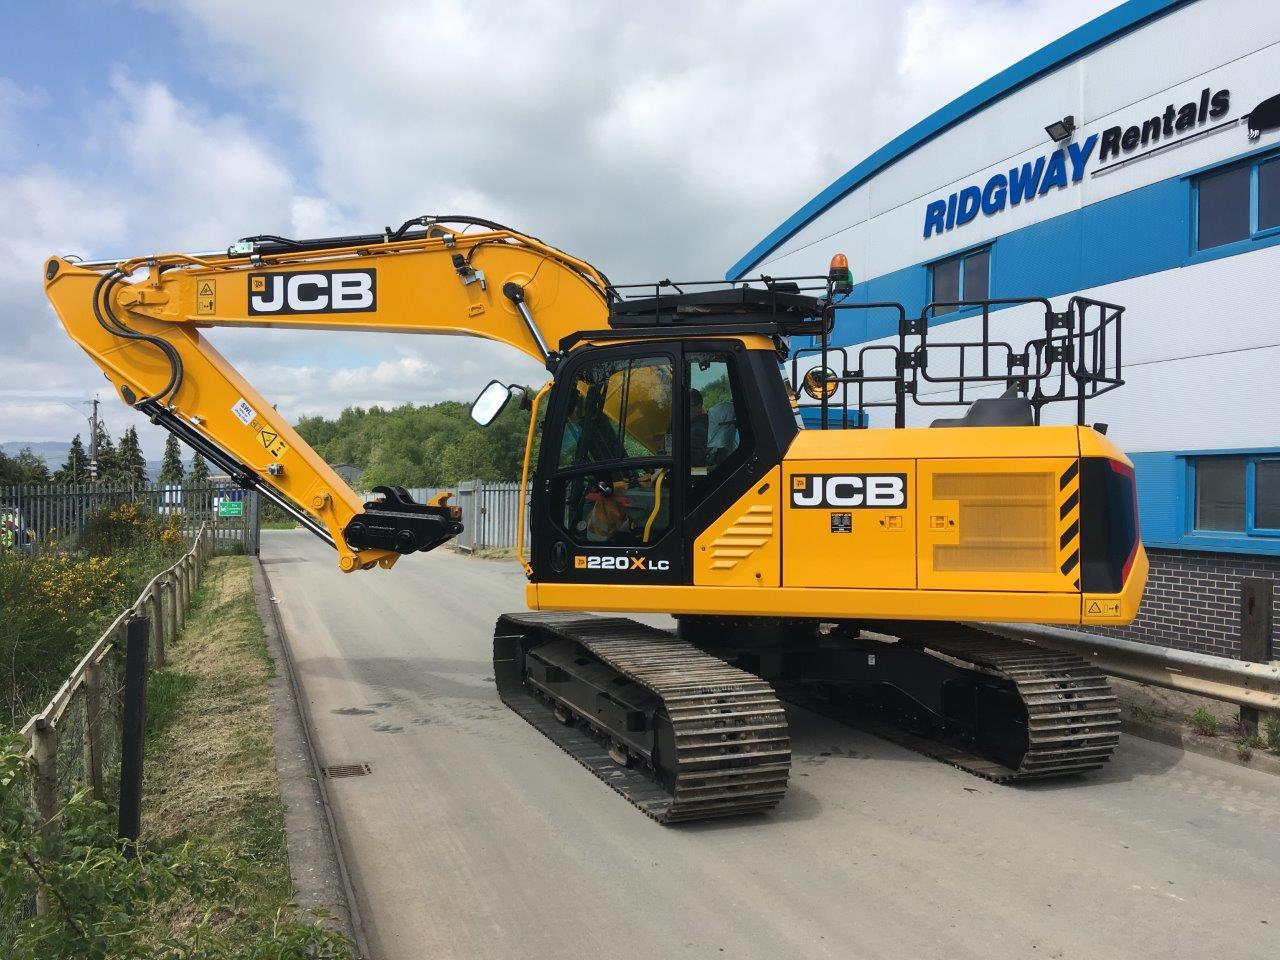 Brand New JCB JS220x Excavator Hire At Ridgway Rentals Ltd